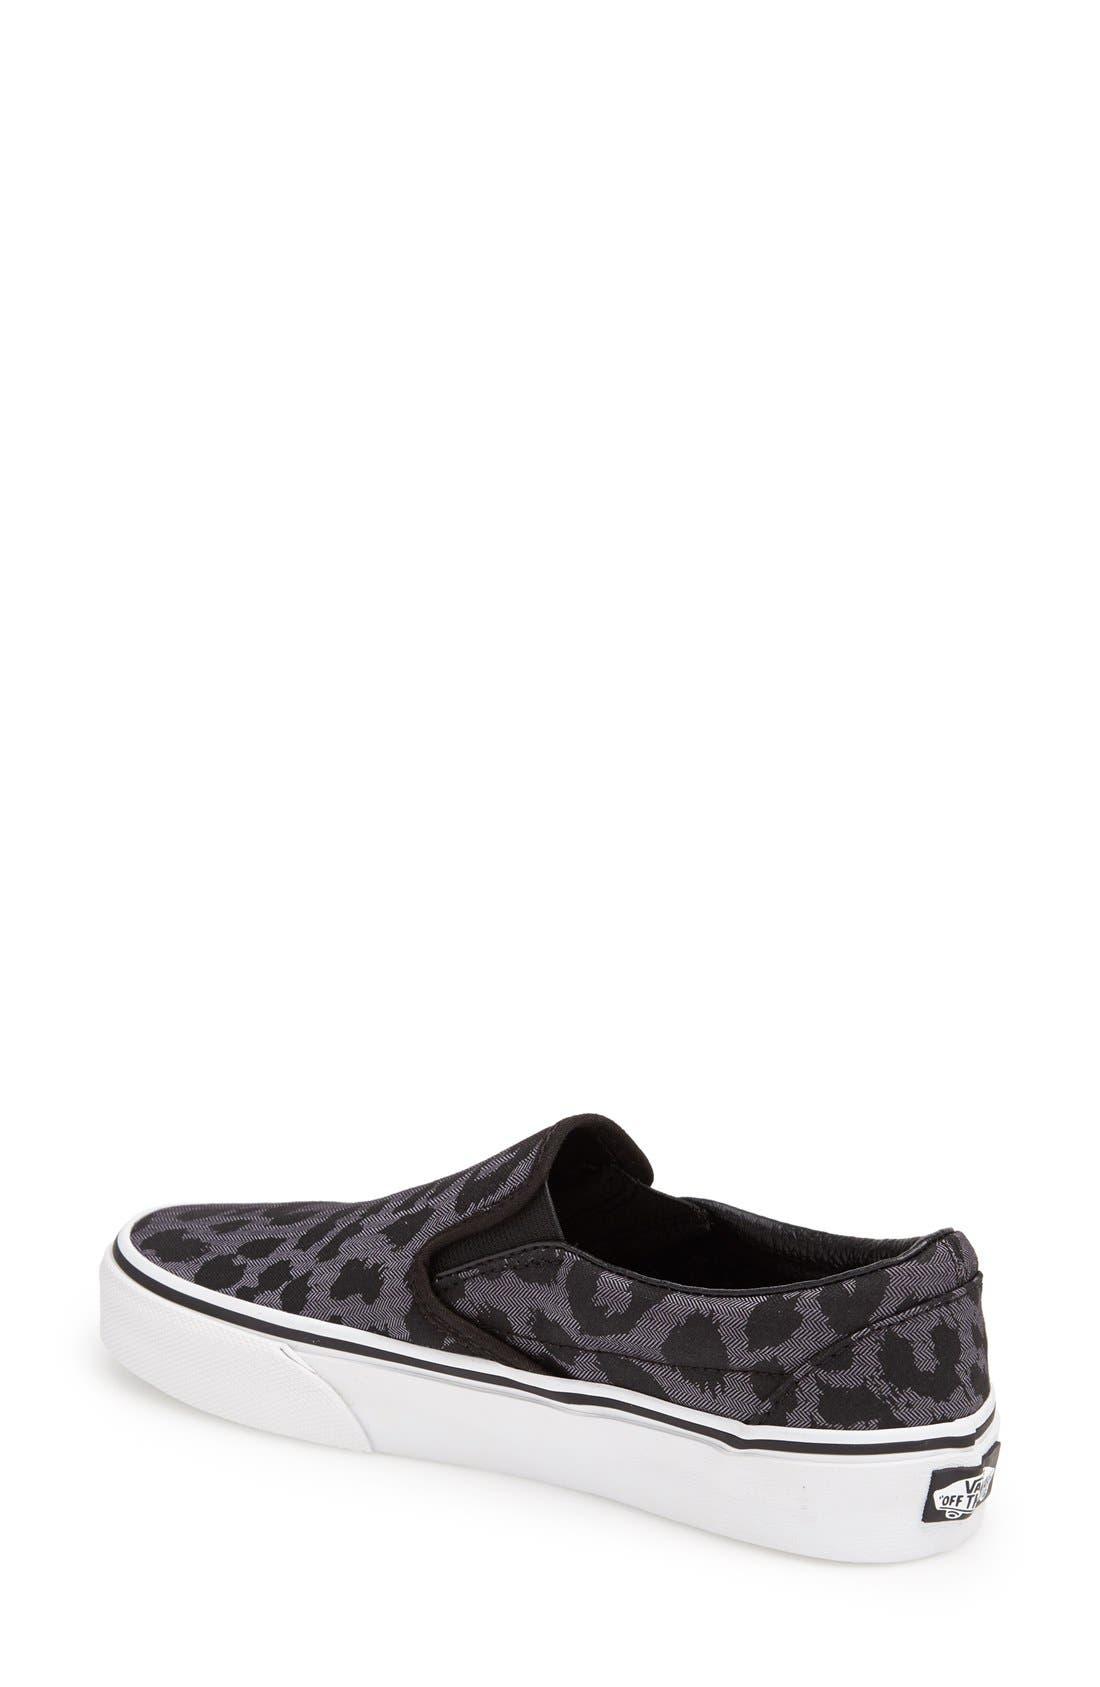 Alternate Image 2  - Vans Leopard Spot Slip-On Sneaker (Women)